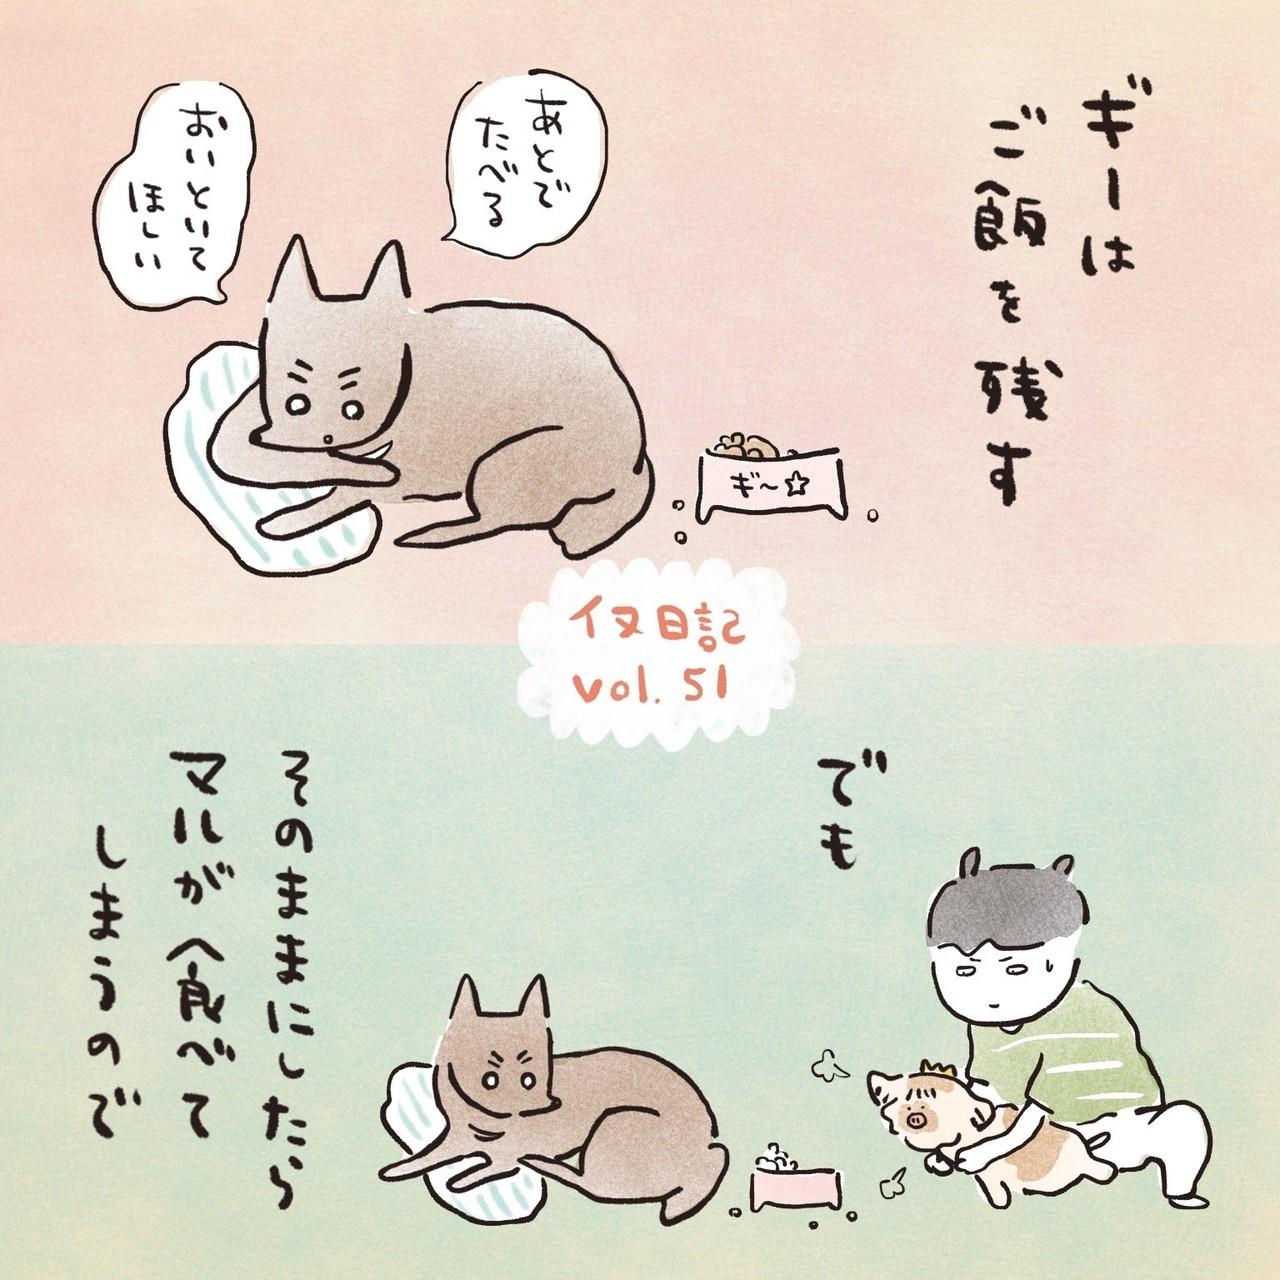 イヌ日記vol.51-1